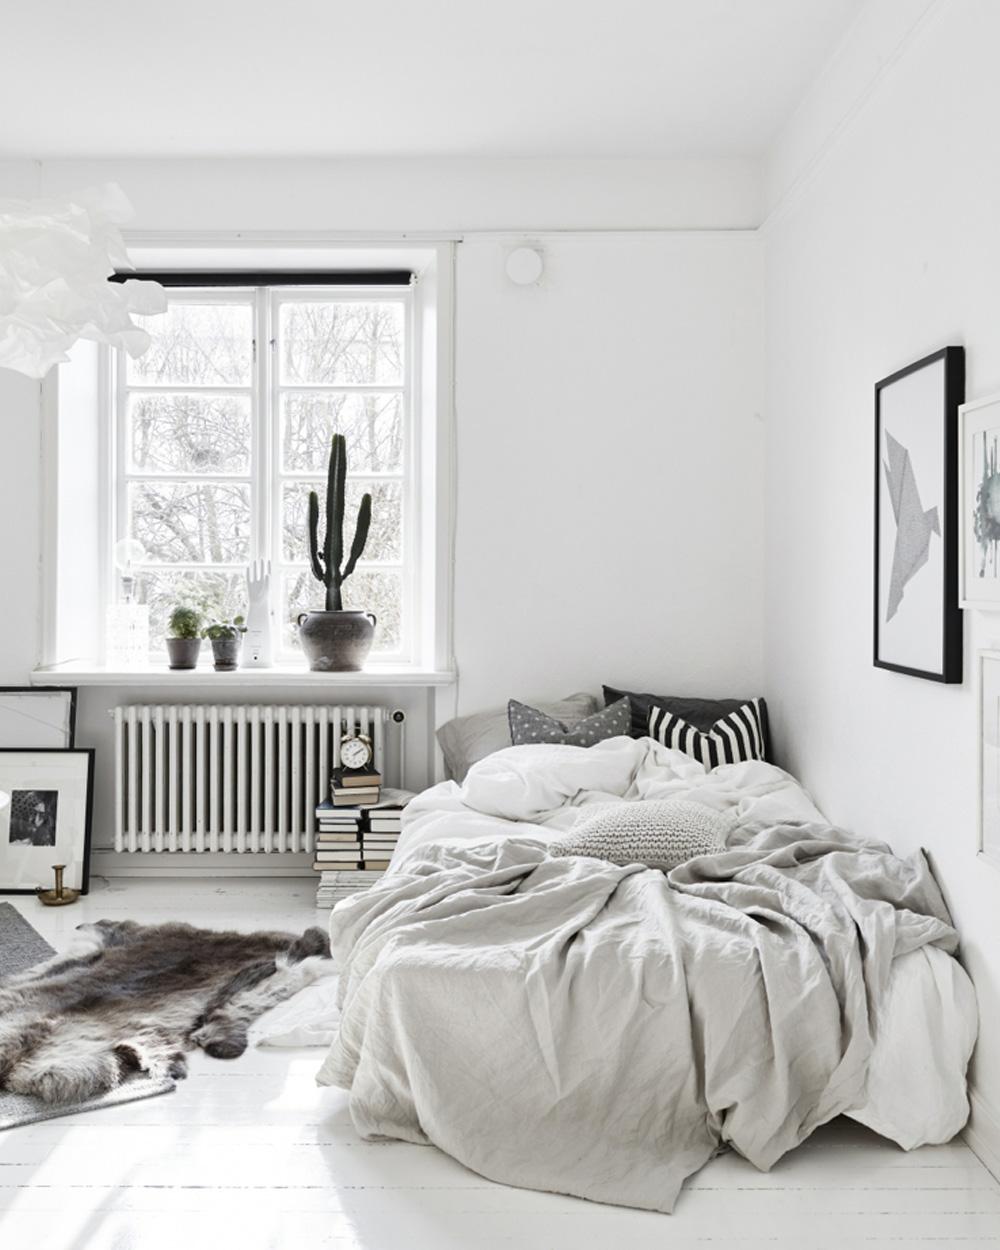 4 astuces pour gagner de l 39 espace dans votre chambre. Black Bedroom Furniture Sets. Home Design Ideas